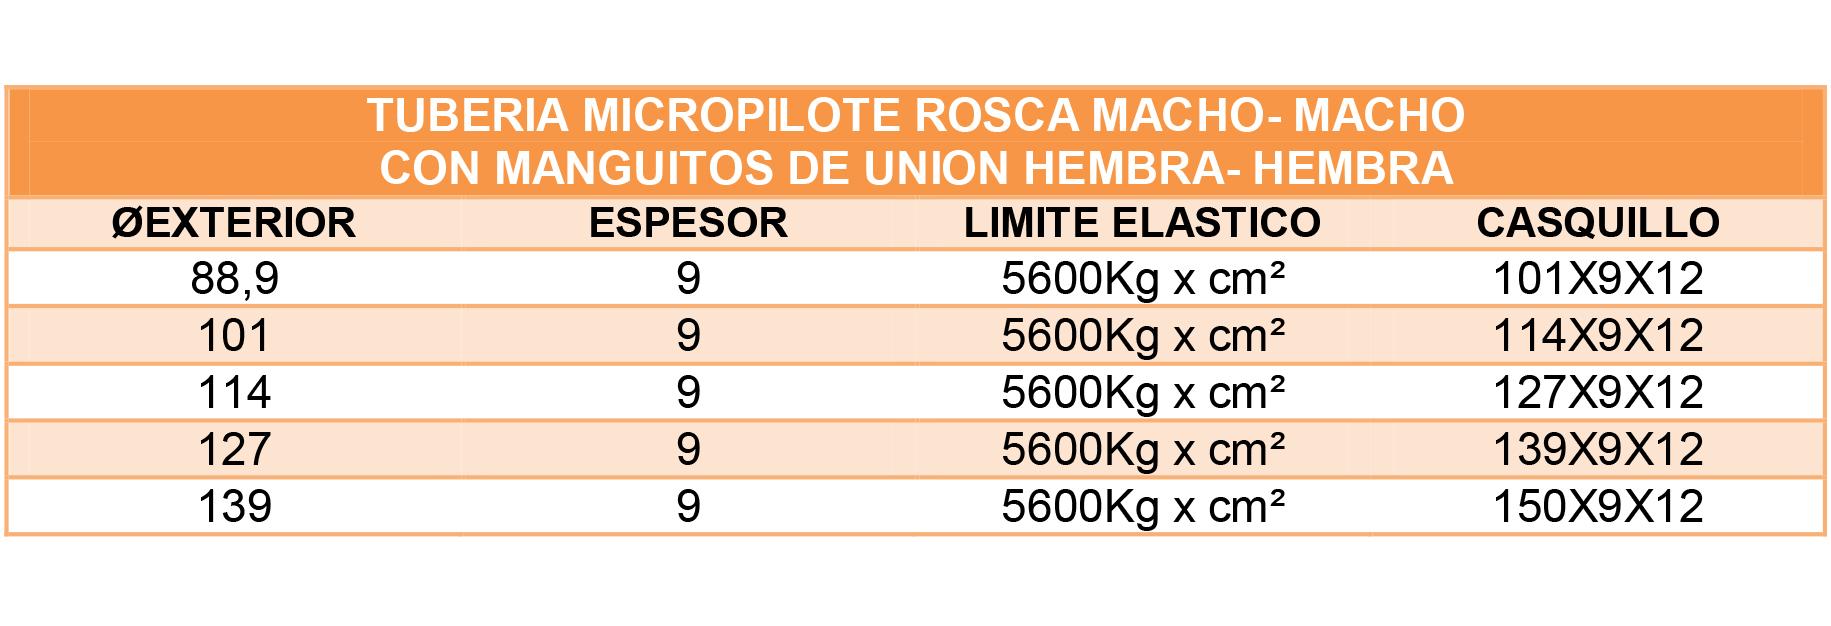 TABLAS TUBERIA MICROPILOTE ROSCA MACO MACHO CON MANGUITOS DE UNION HEMBRA HEMBRA